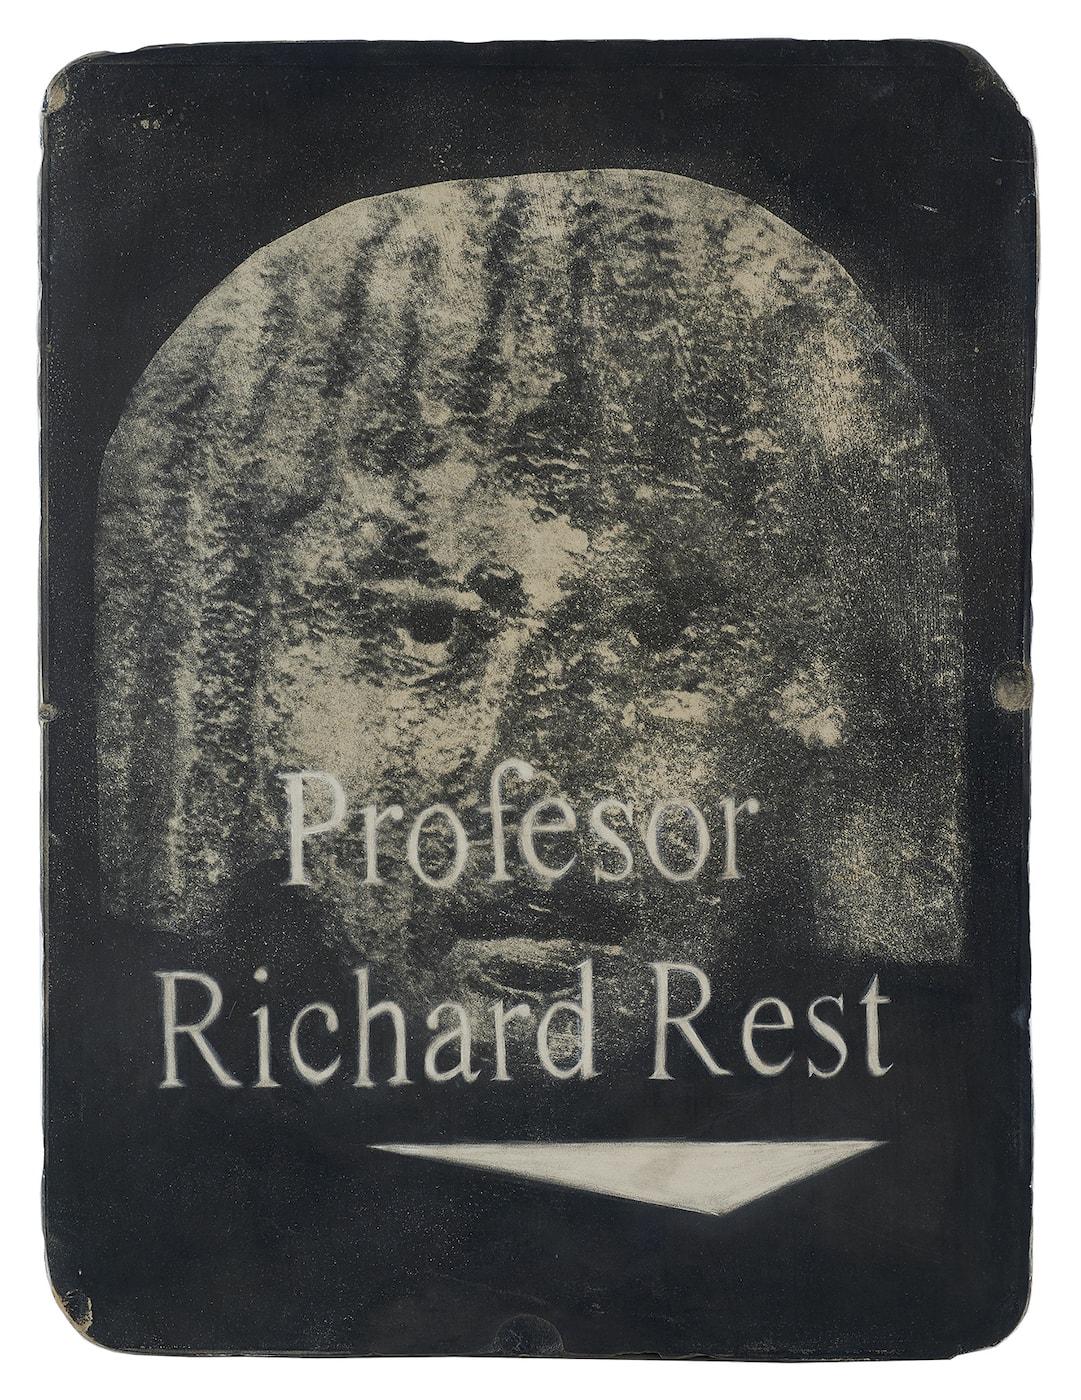 gonzalo-leviraProfesor-Richard-Rest-2019-Esgrafiado-sobre-piedra-litográfica-42-x-33-x-5-cm-3000€